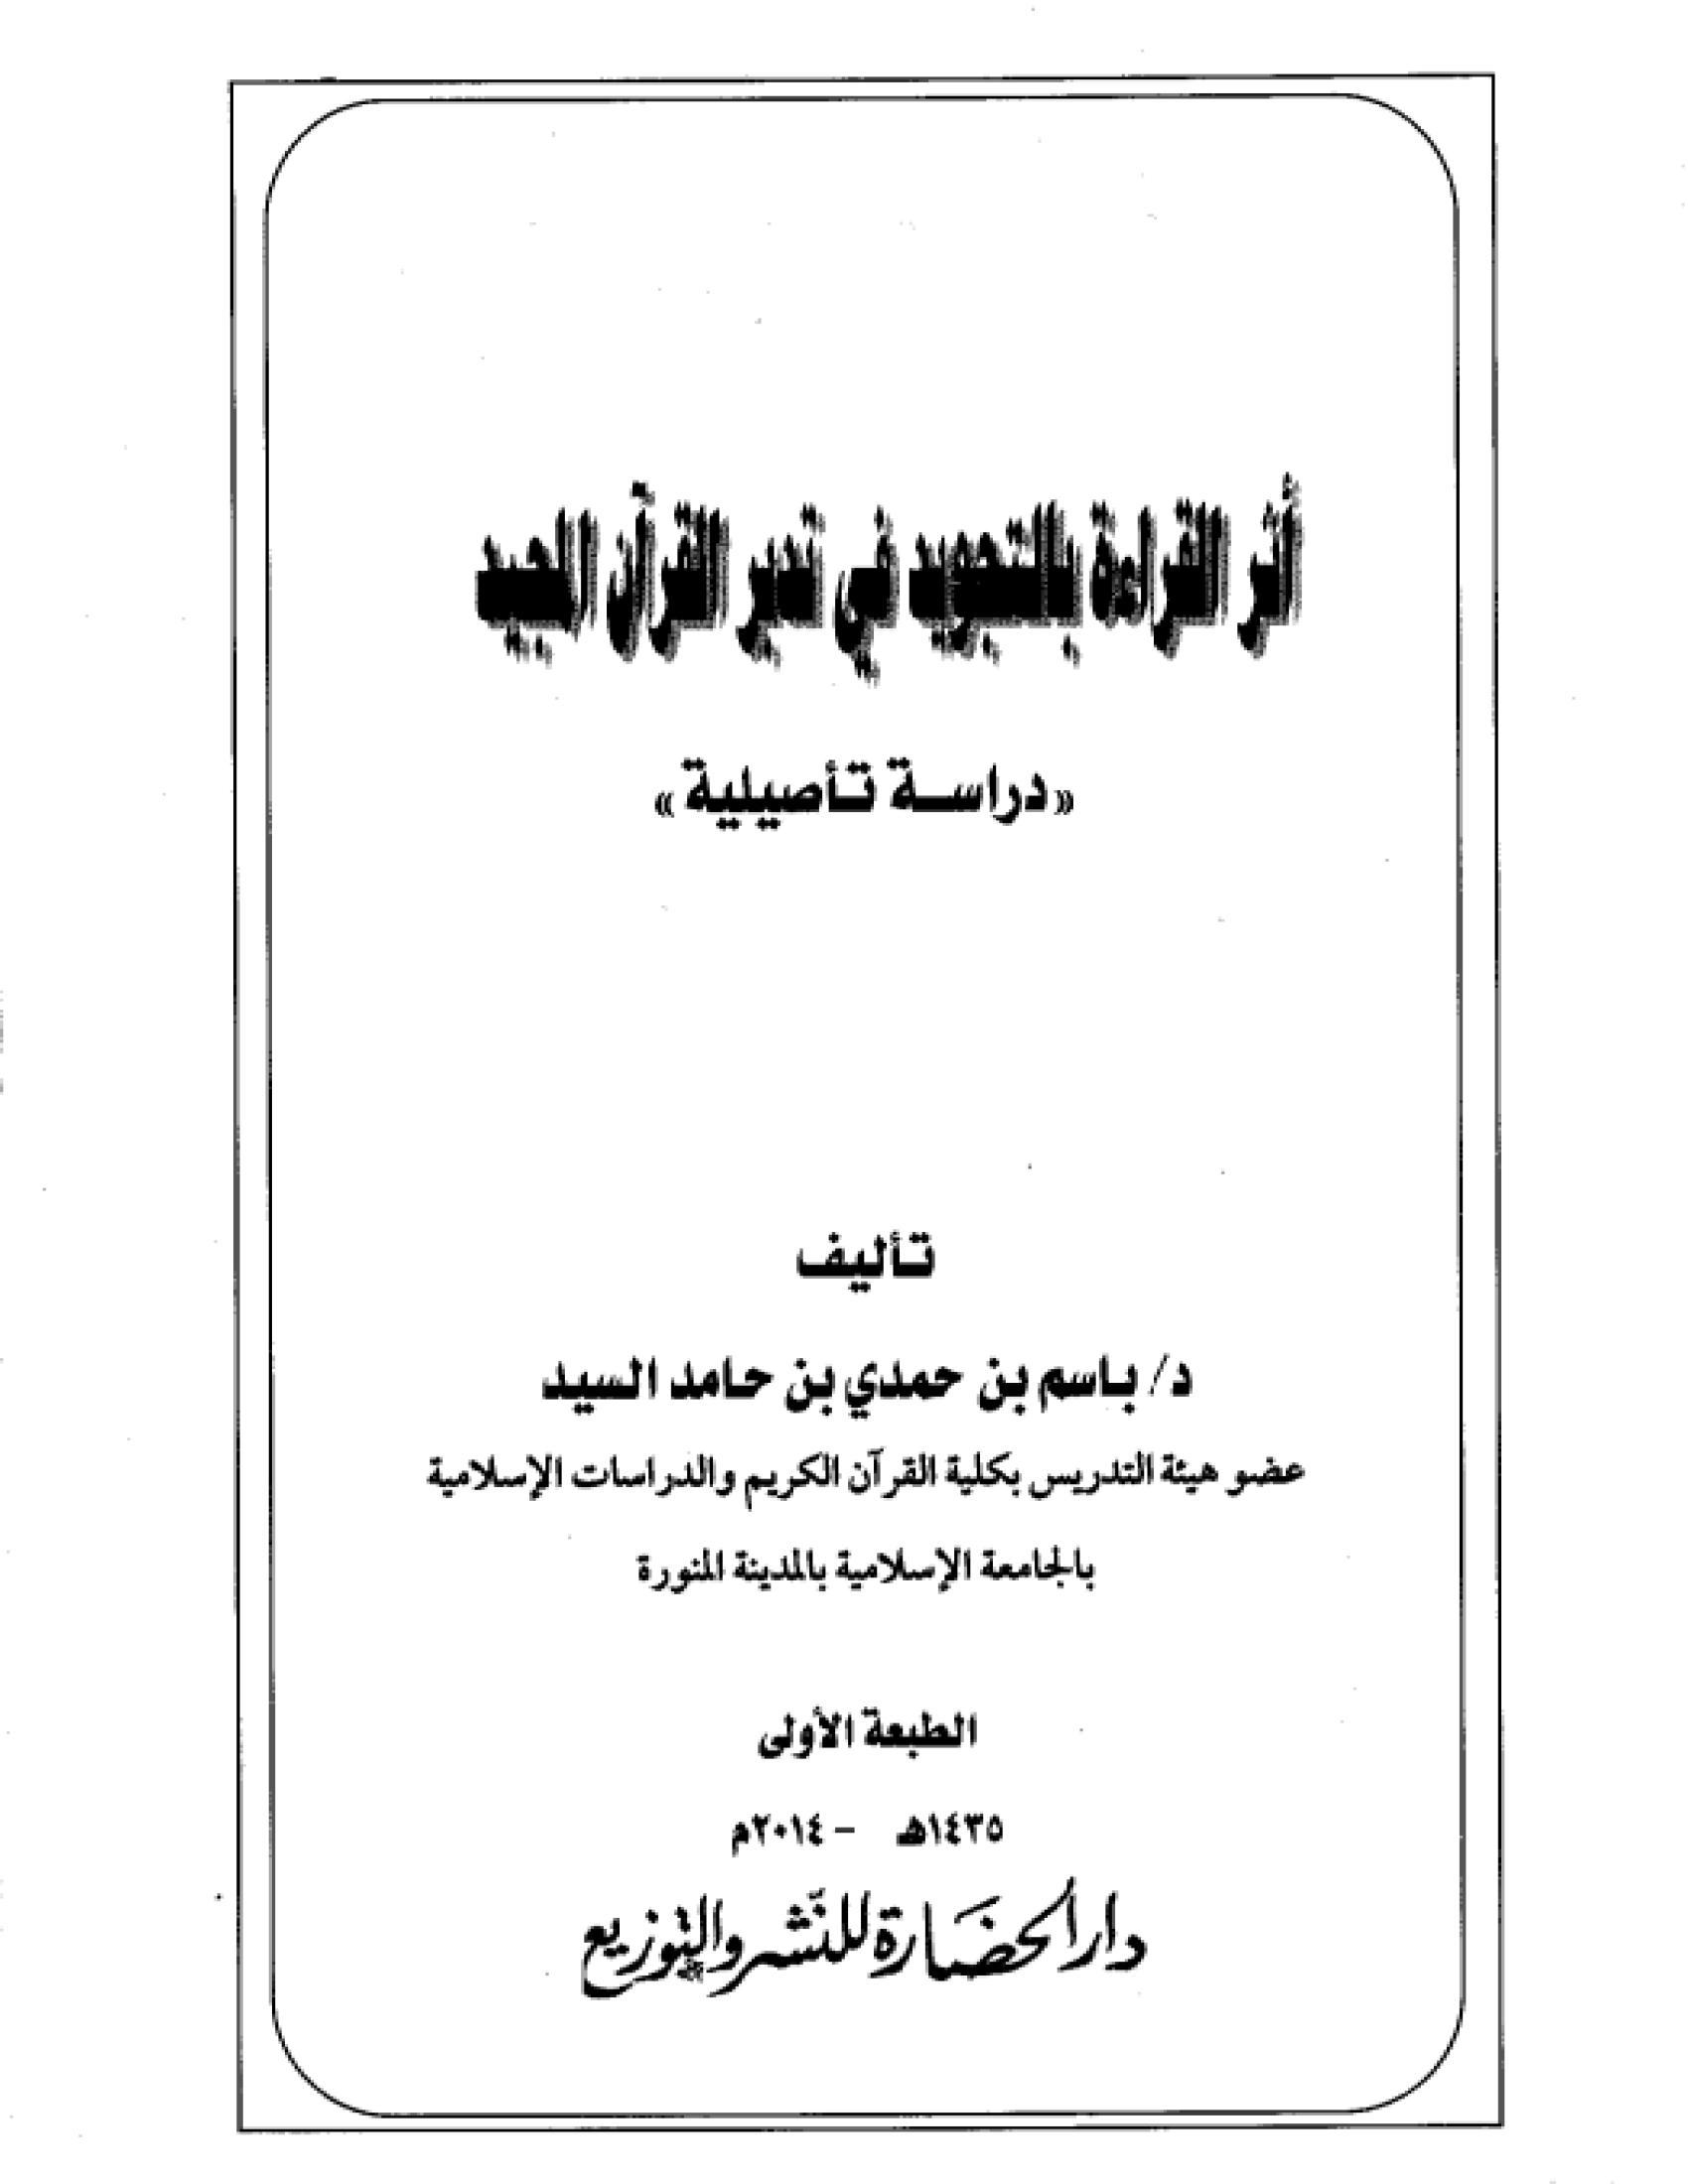 تحميل كتاب أثر القراءة بالتجويد في تدبر القرآن المجيد (دراسة تأصيلية) لـِ: الدكتور باسم بن حمدي بن حامد السيد